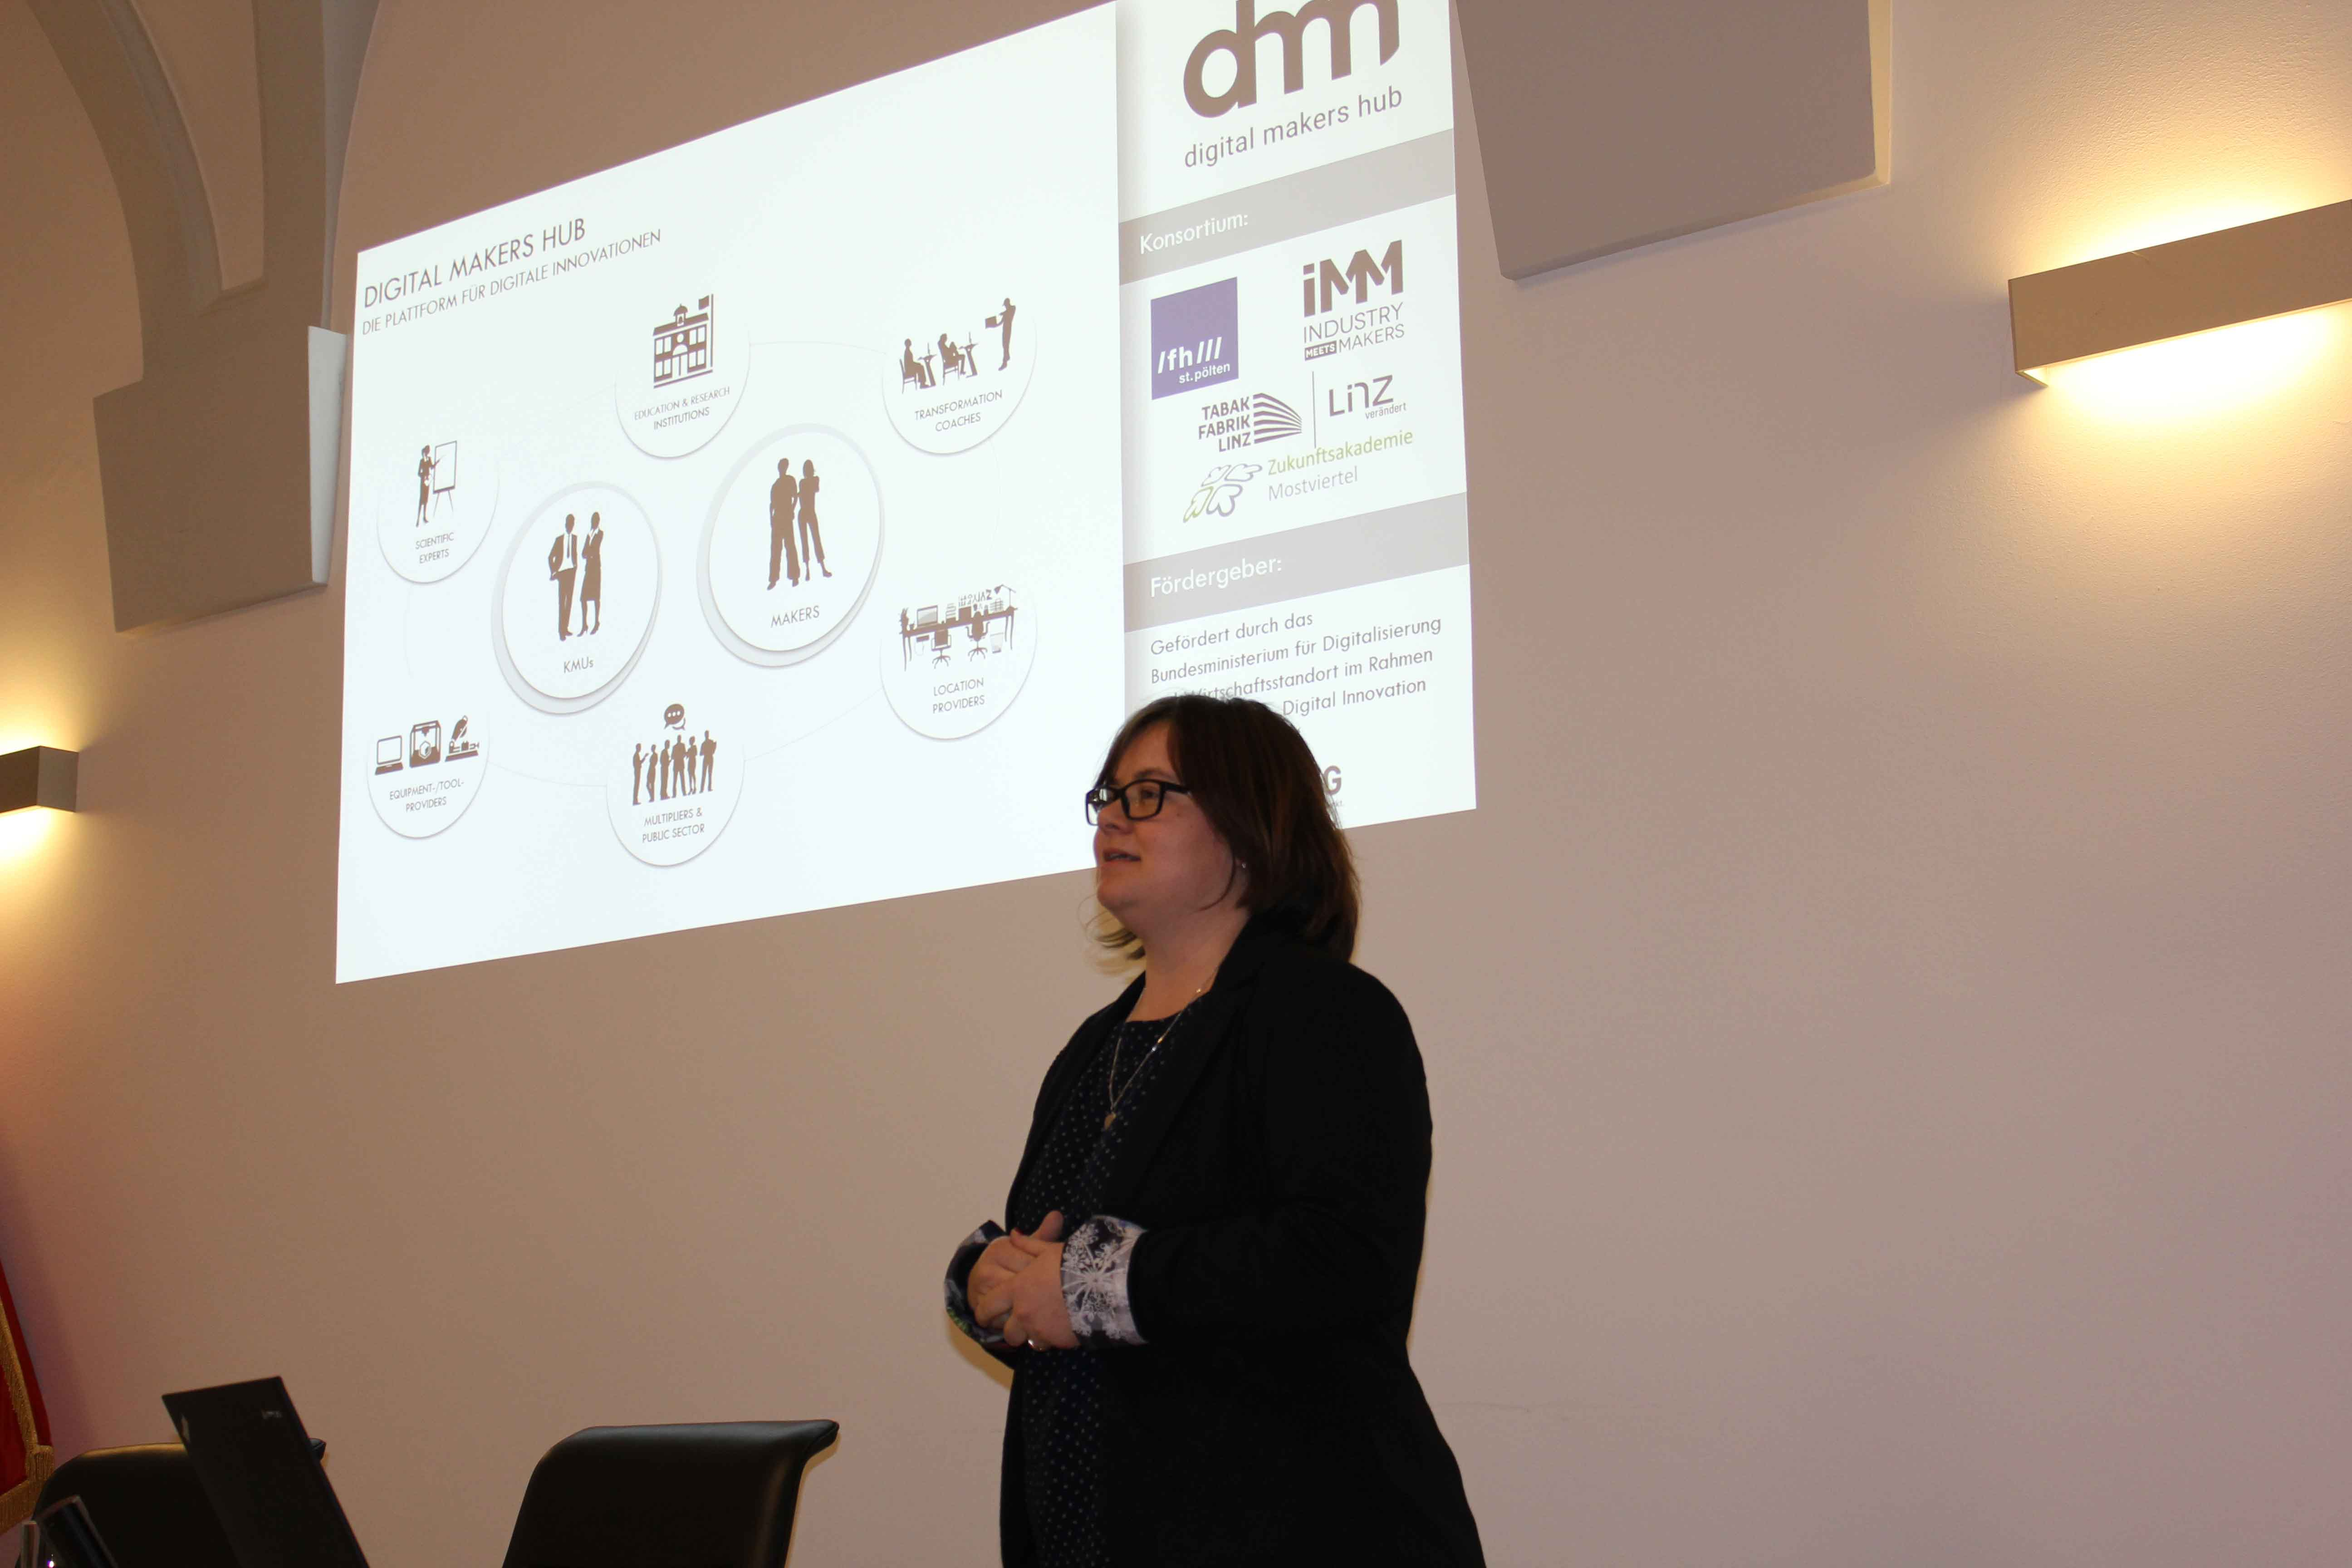 Frau Permoser präsentiert vor einer Leinwand den Digital Makers Hub am SMARTUP Forum